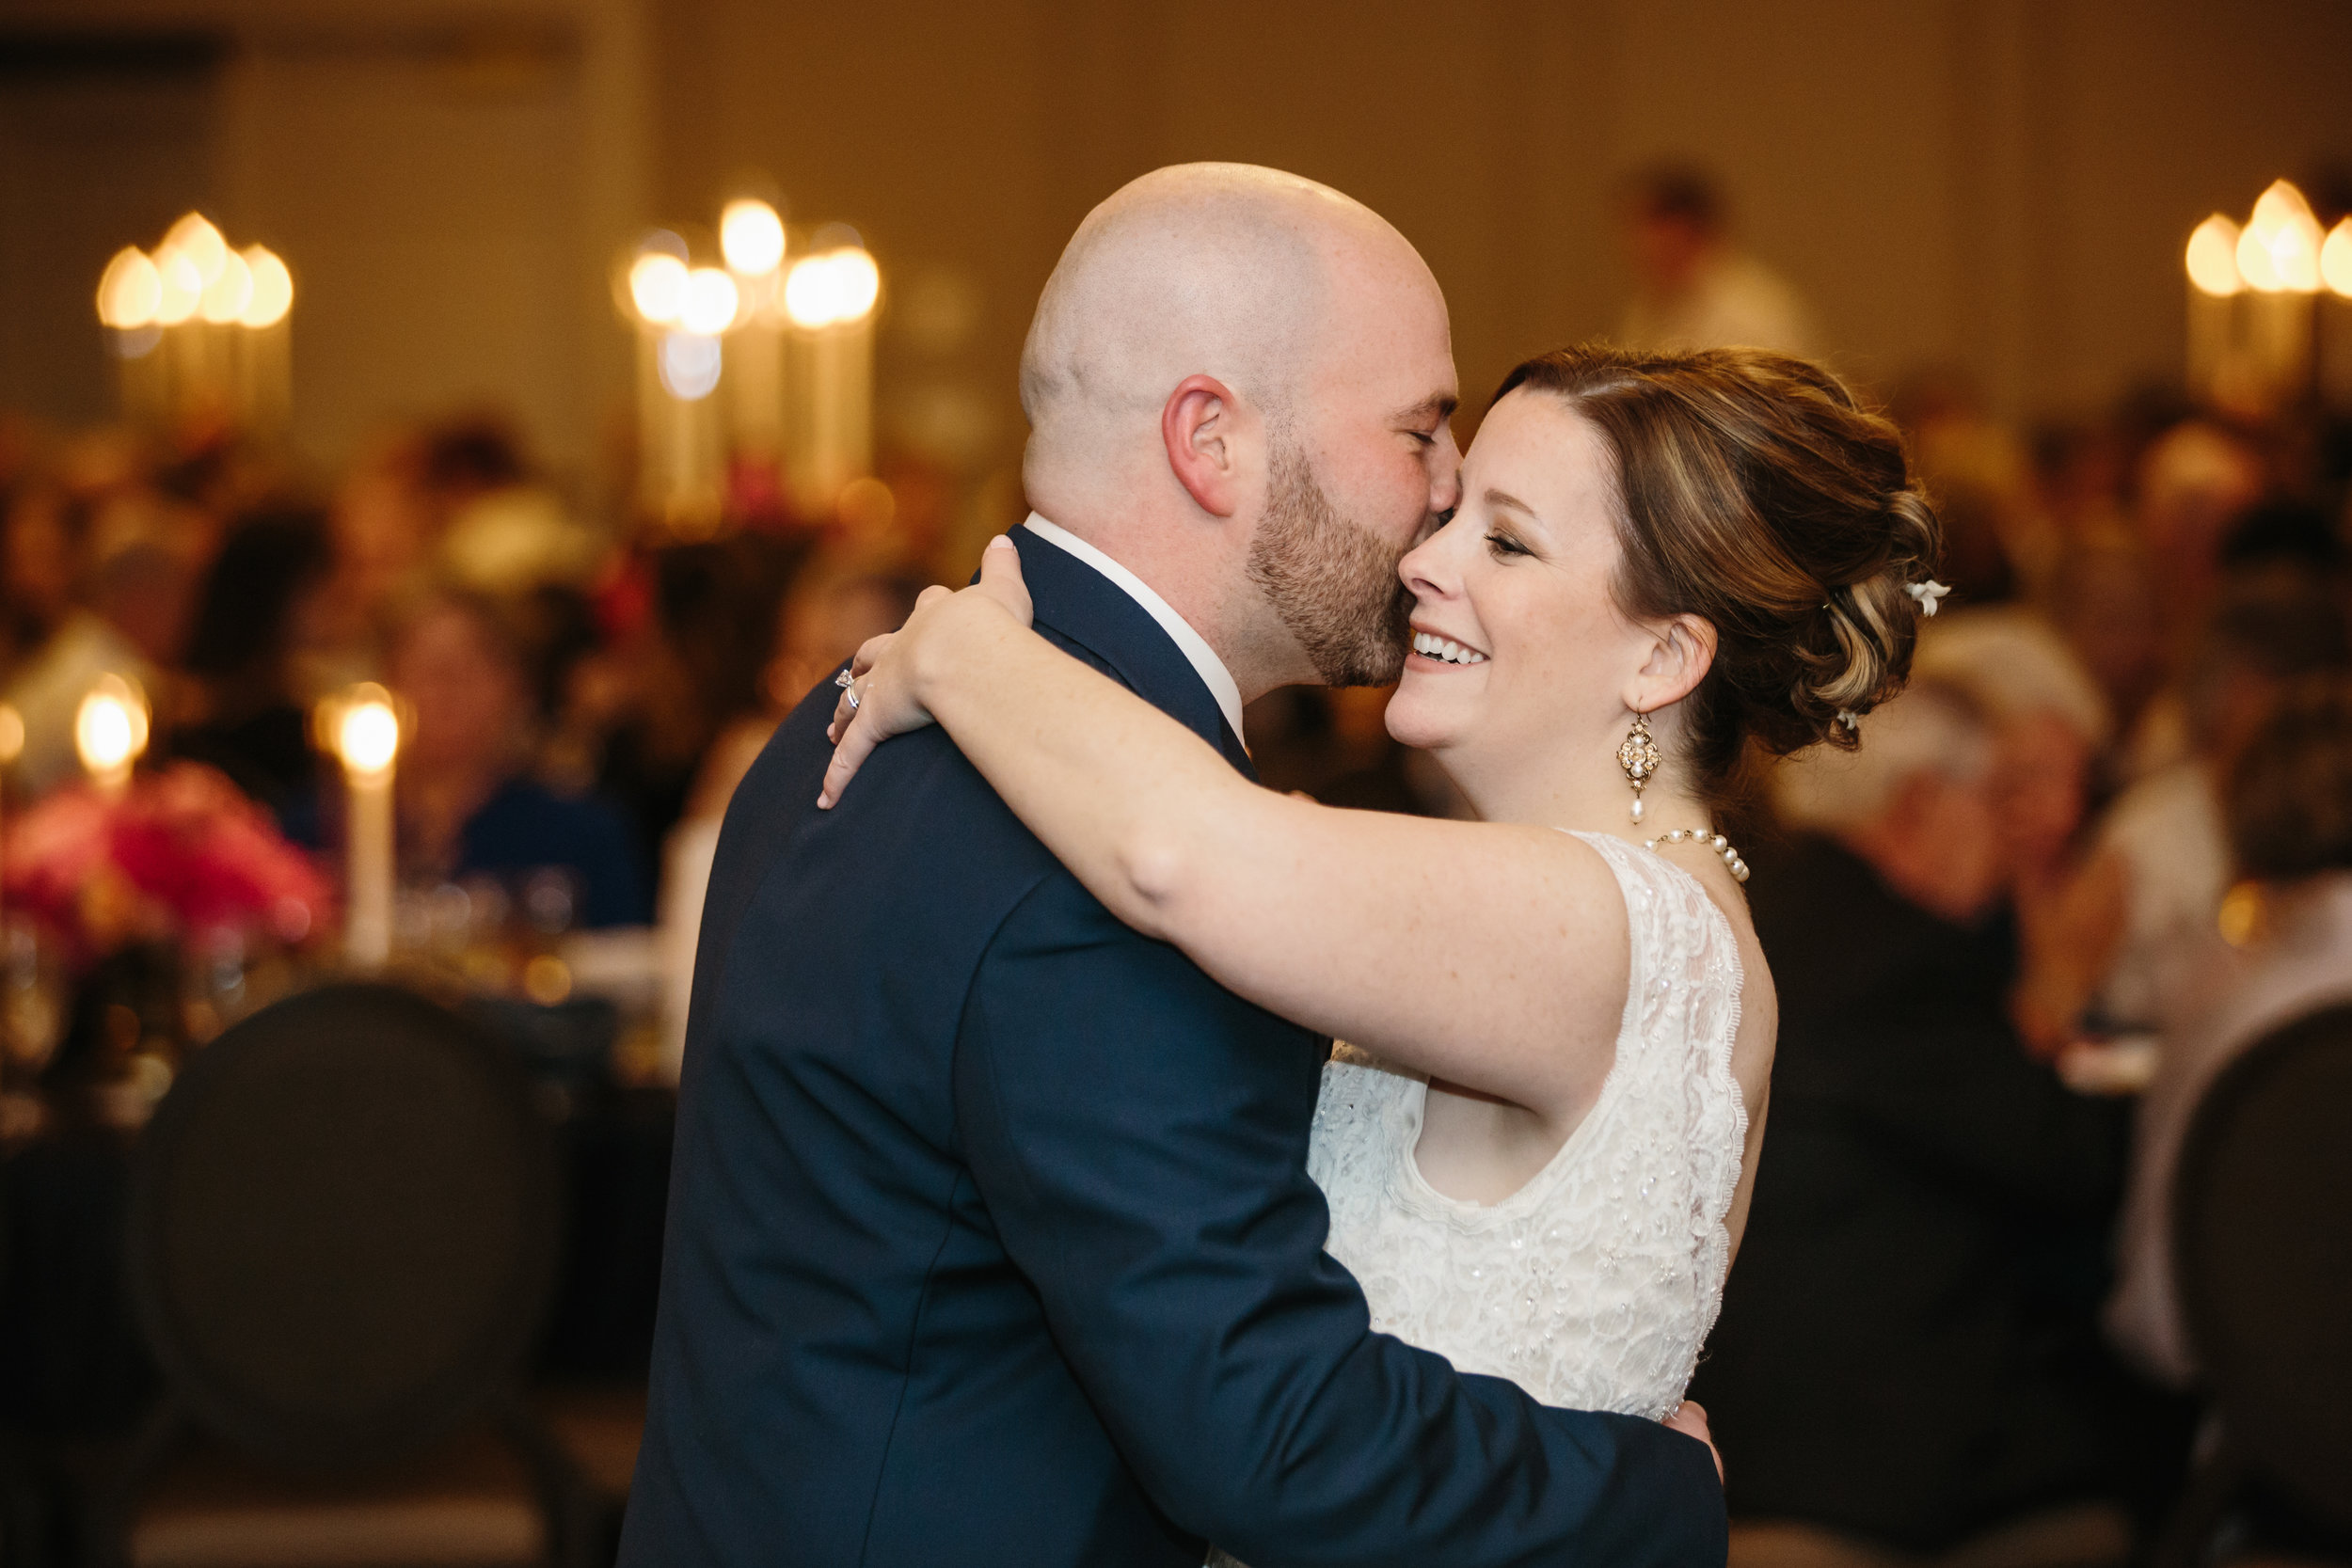 e07c7-columbus_ohio_wedding_photographycolumbus_ohio_wedding_photography.jpg